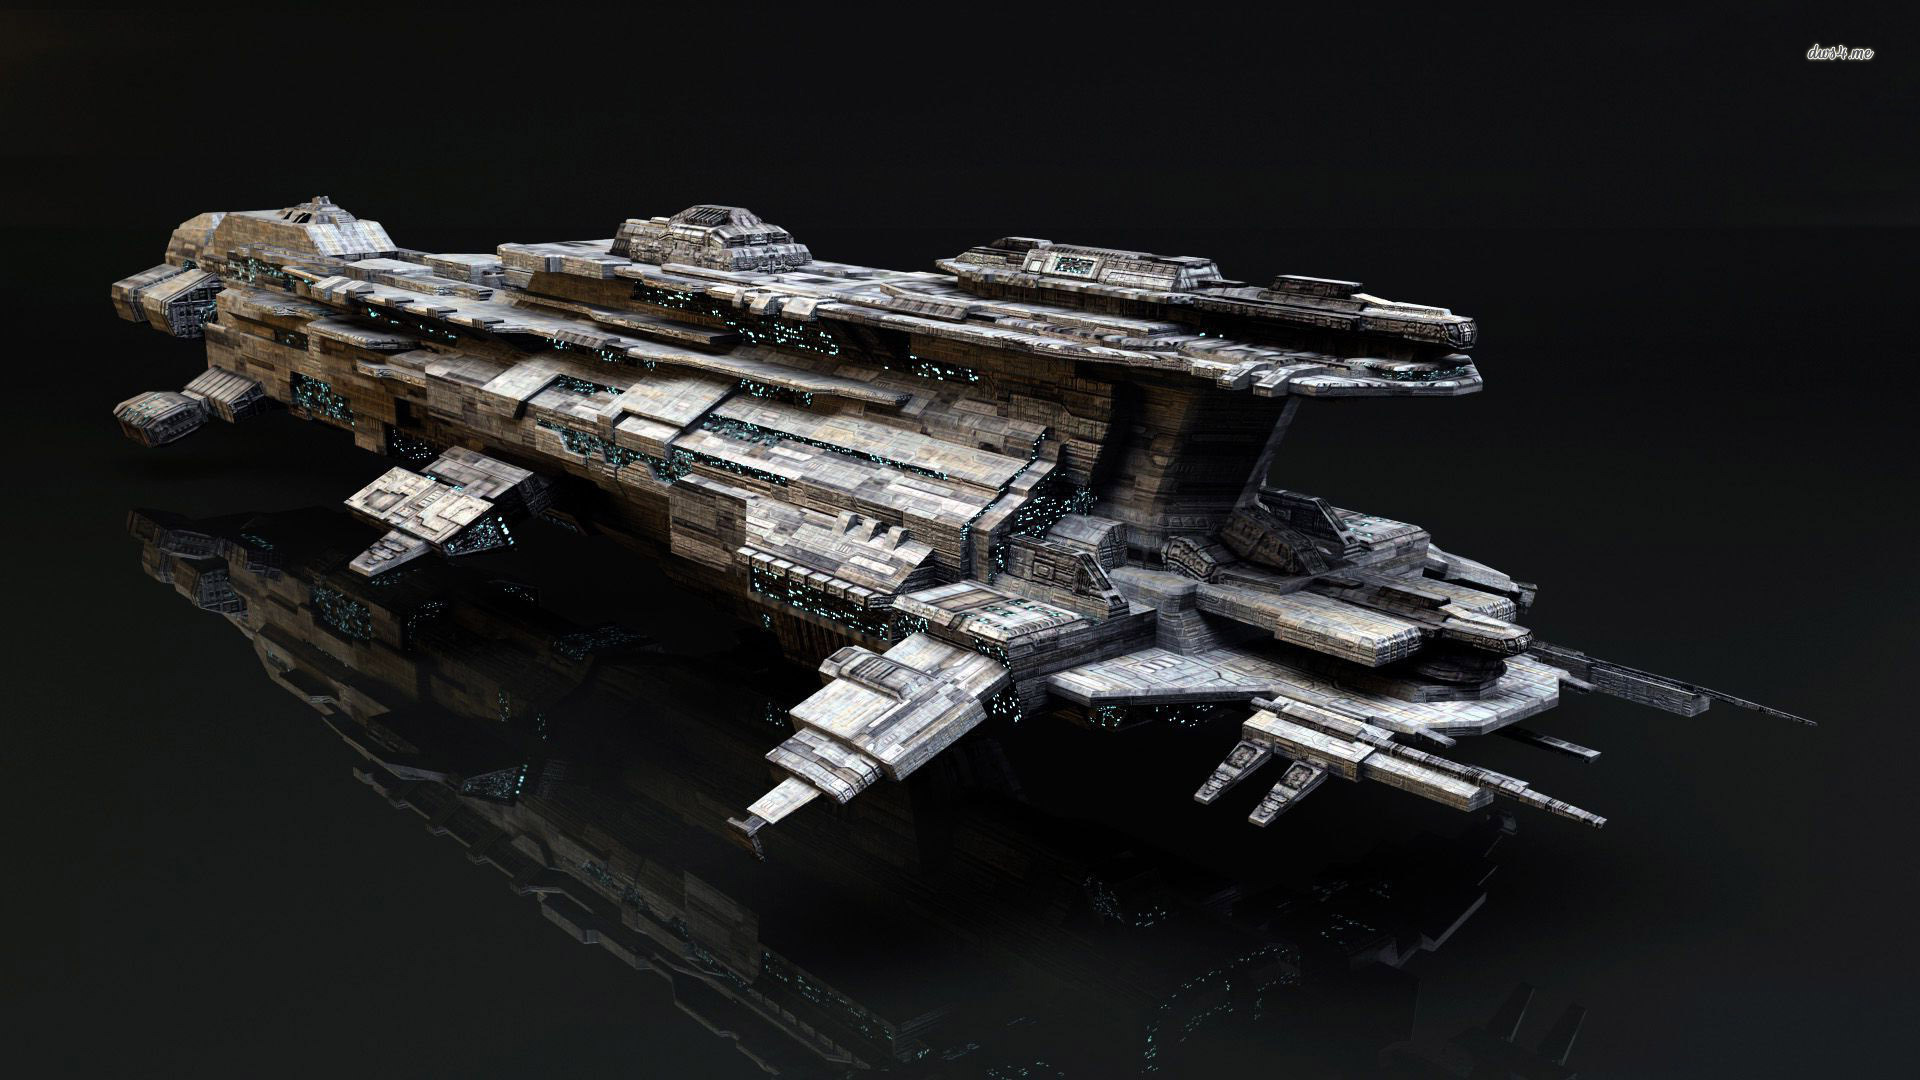 沙盒游戏_科幻作品中有哪些漂亮的太空飞船? - 知乎